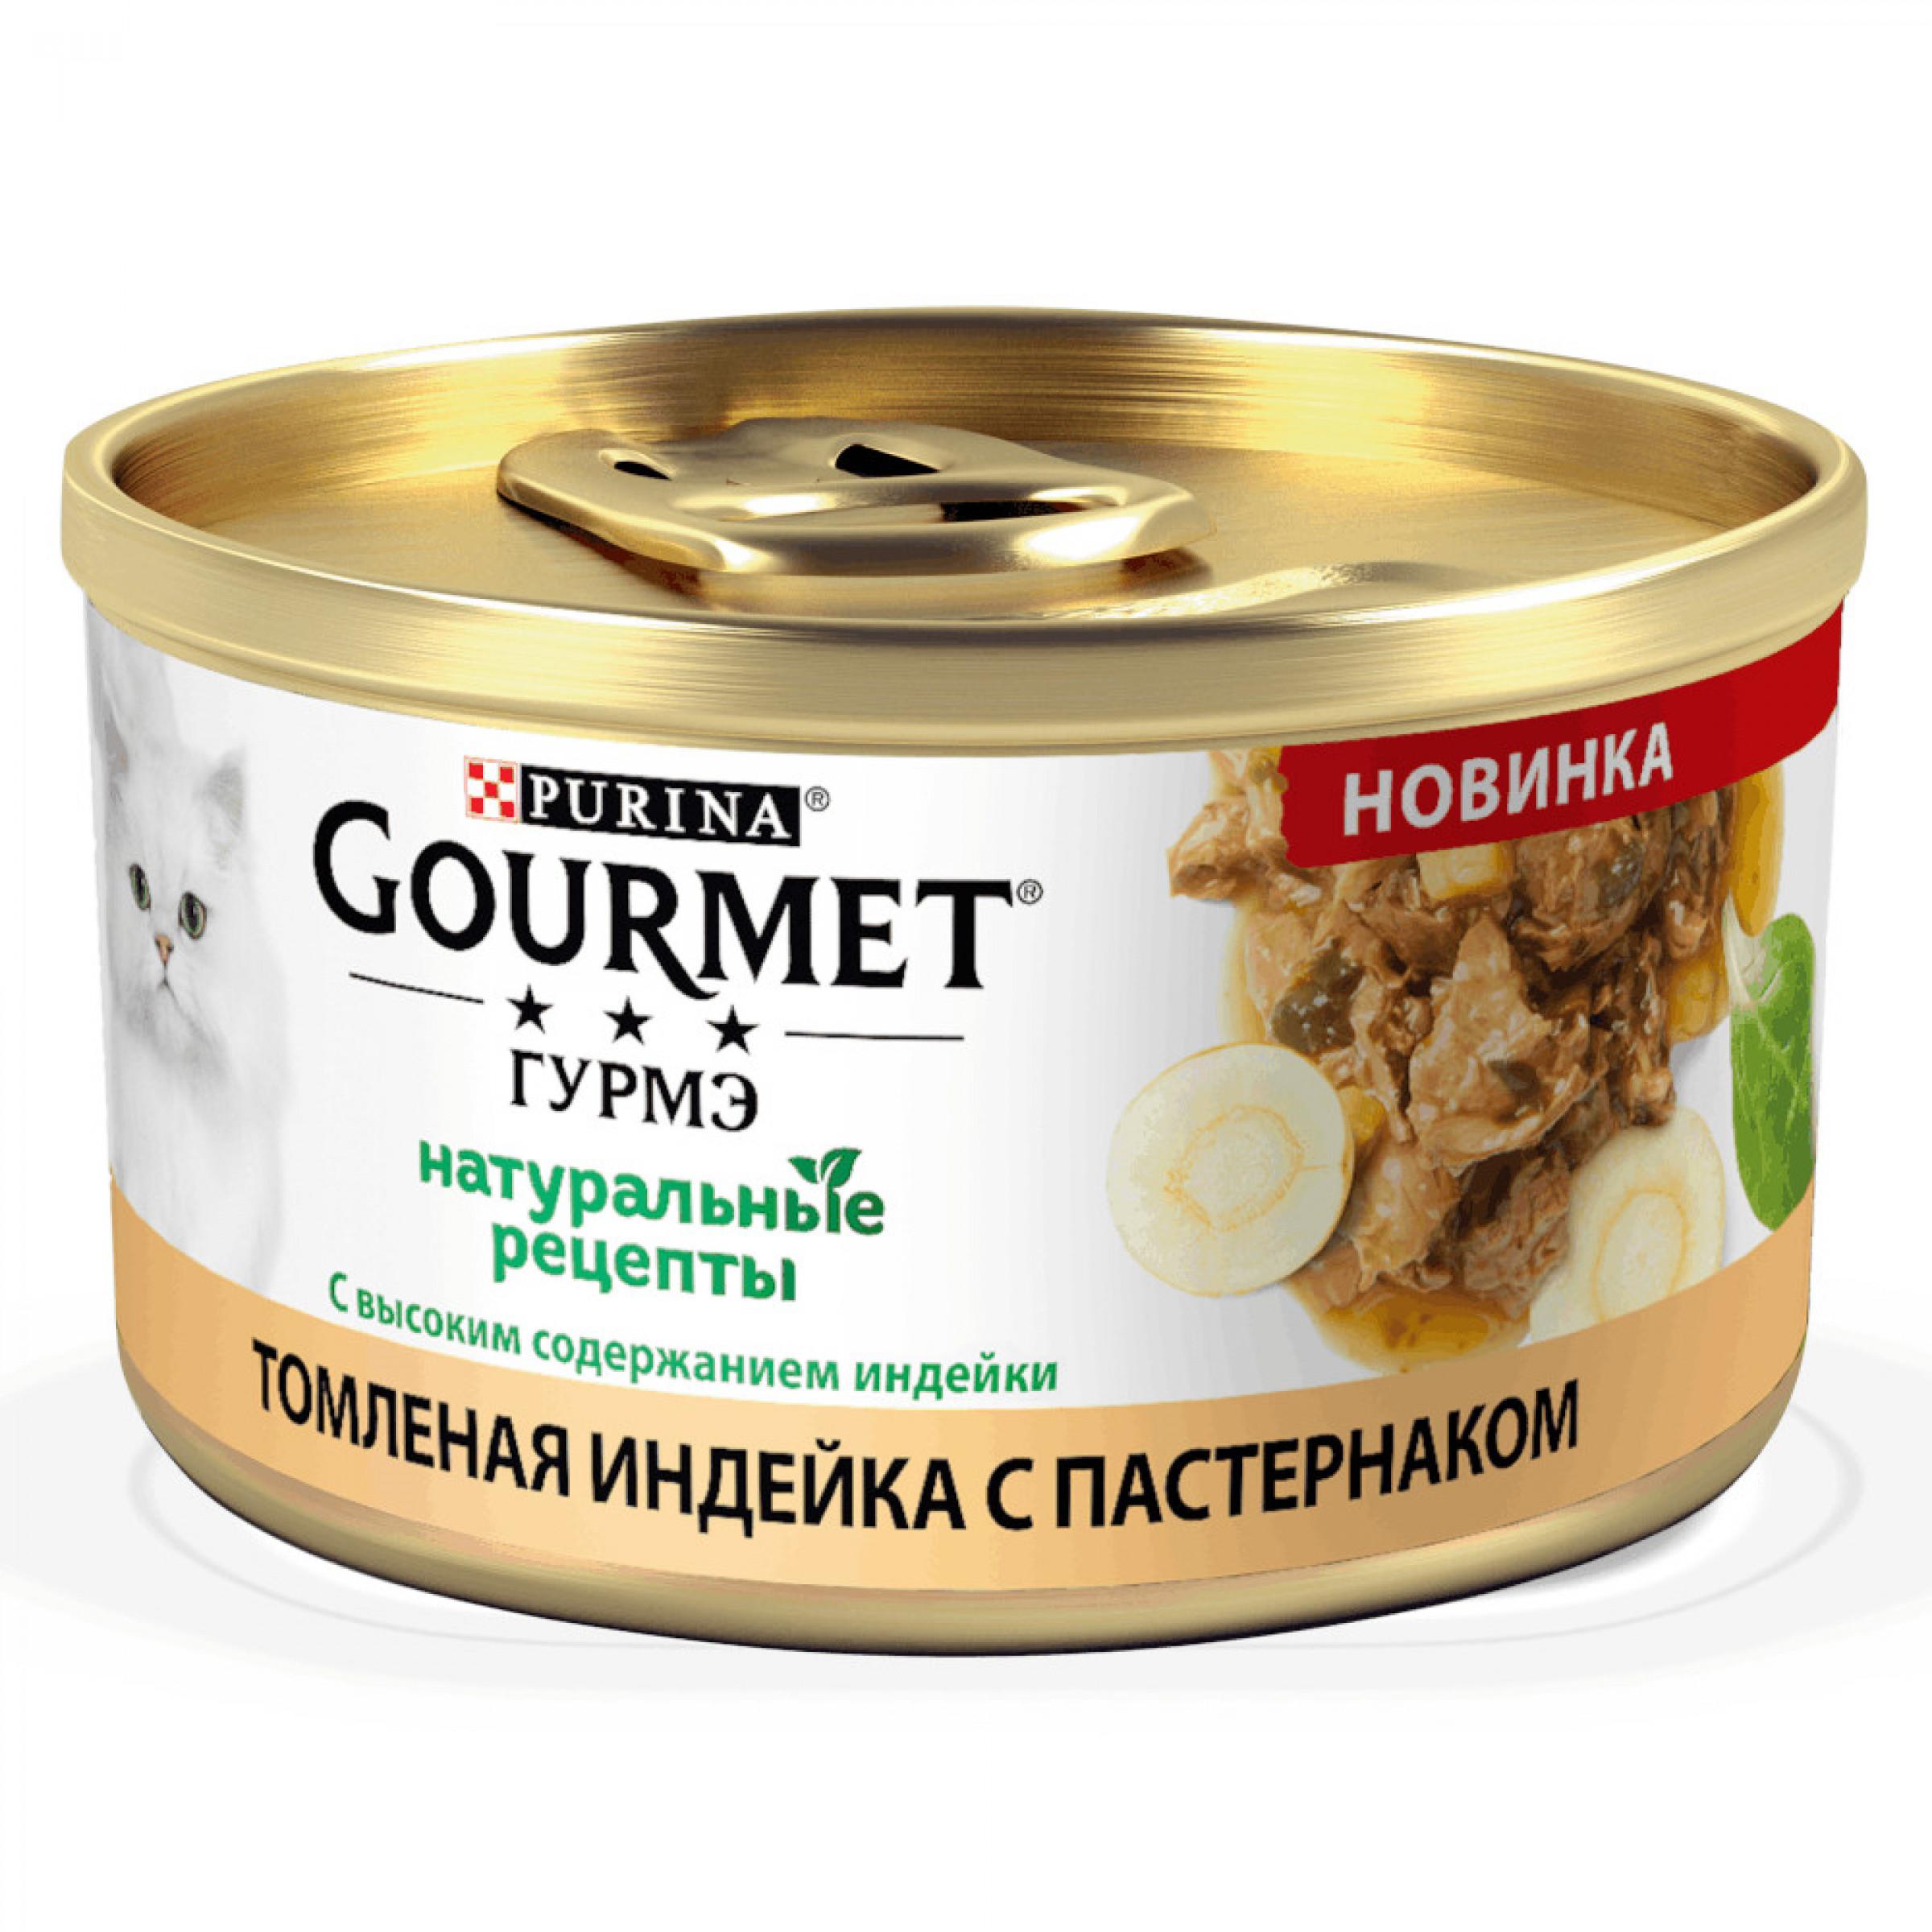 Влажный корм Gourmet Натуральные рецепты для кошек, с томленой индейкой и c пастернаком, 85 г